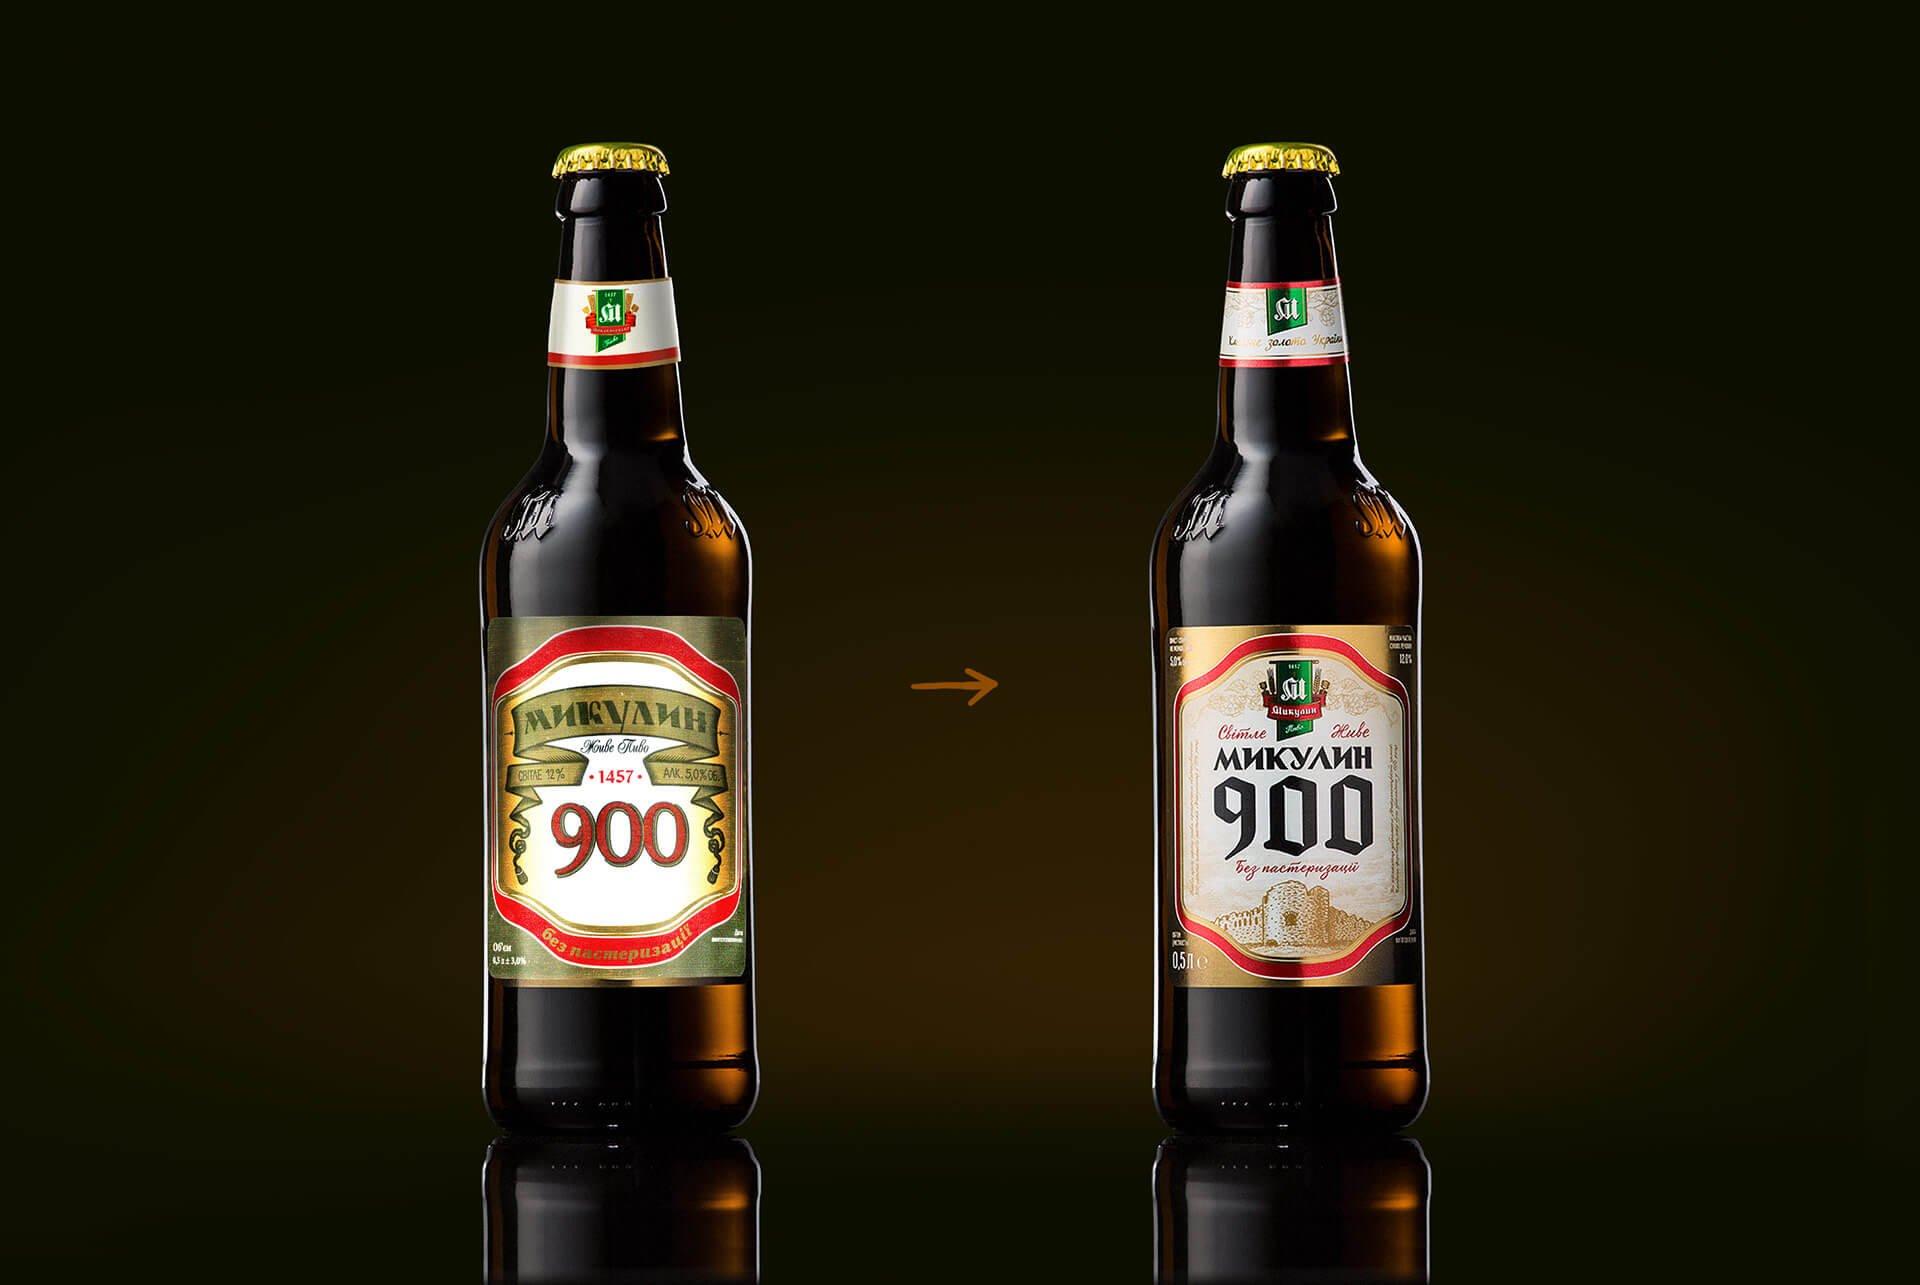 Стара та нова етикетка пива «Микулин 900»